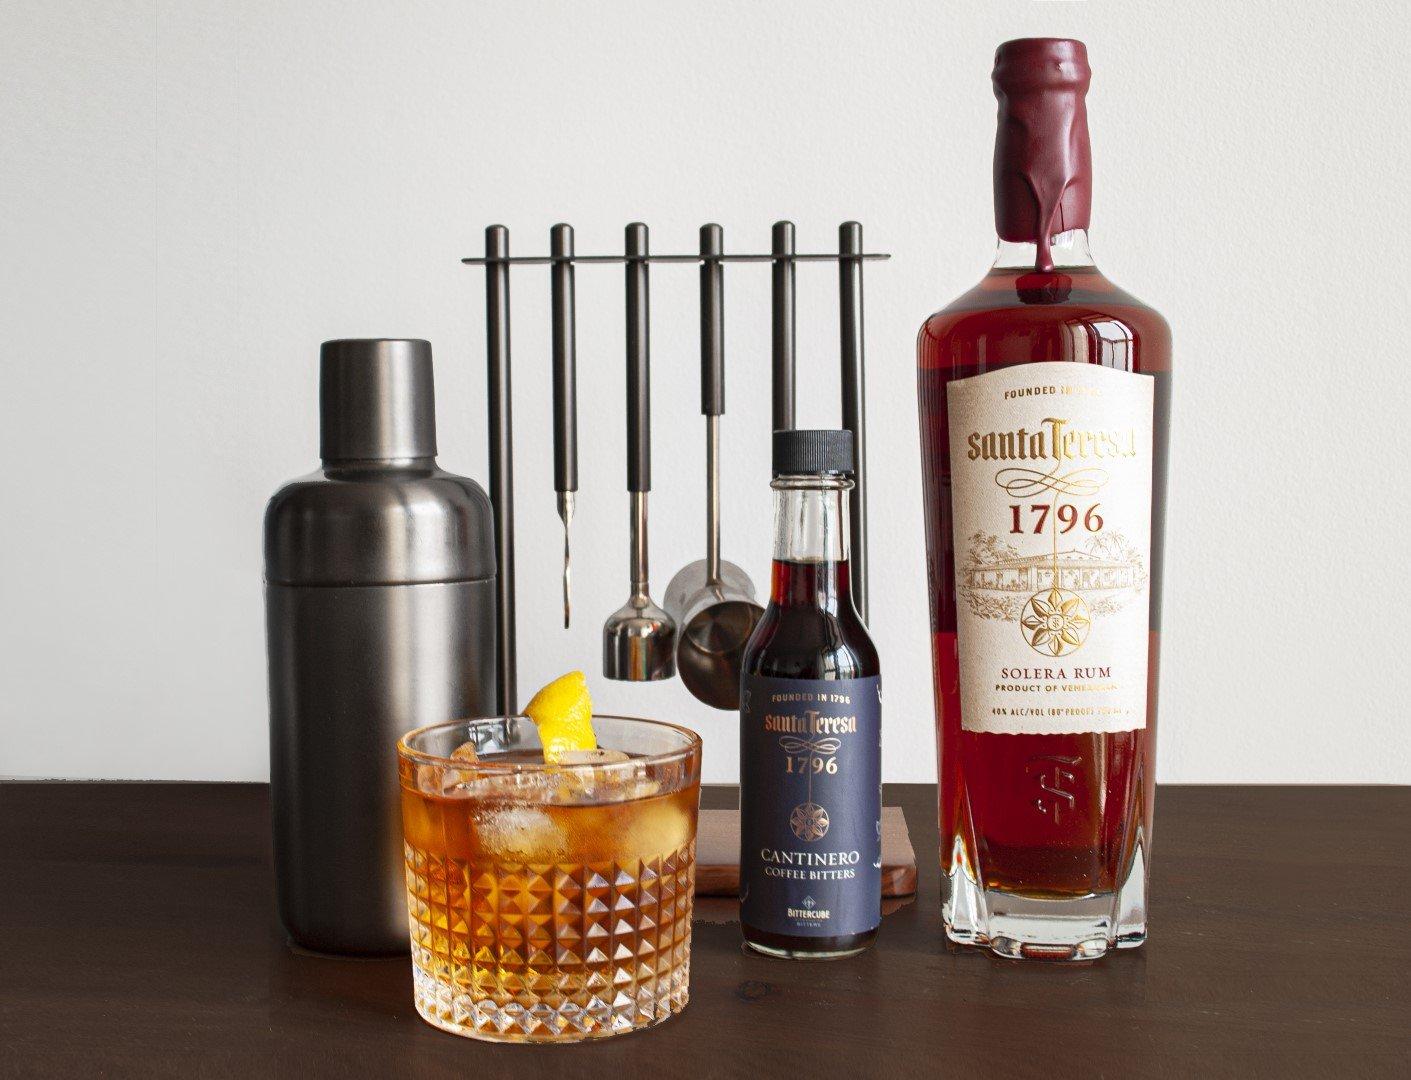 Santa Teresa 1796 Solera Rum (2020)